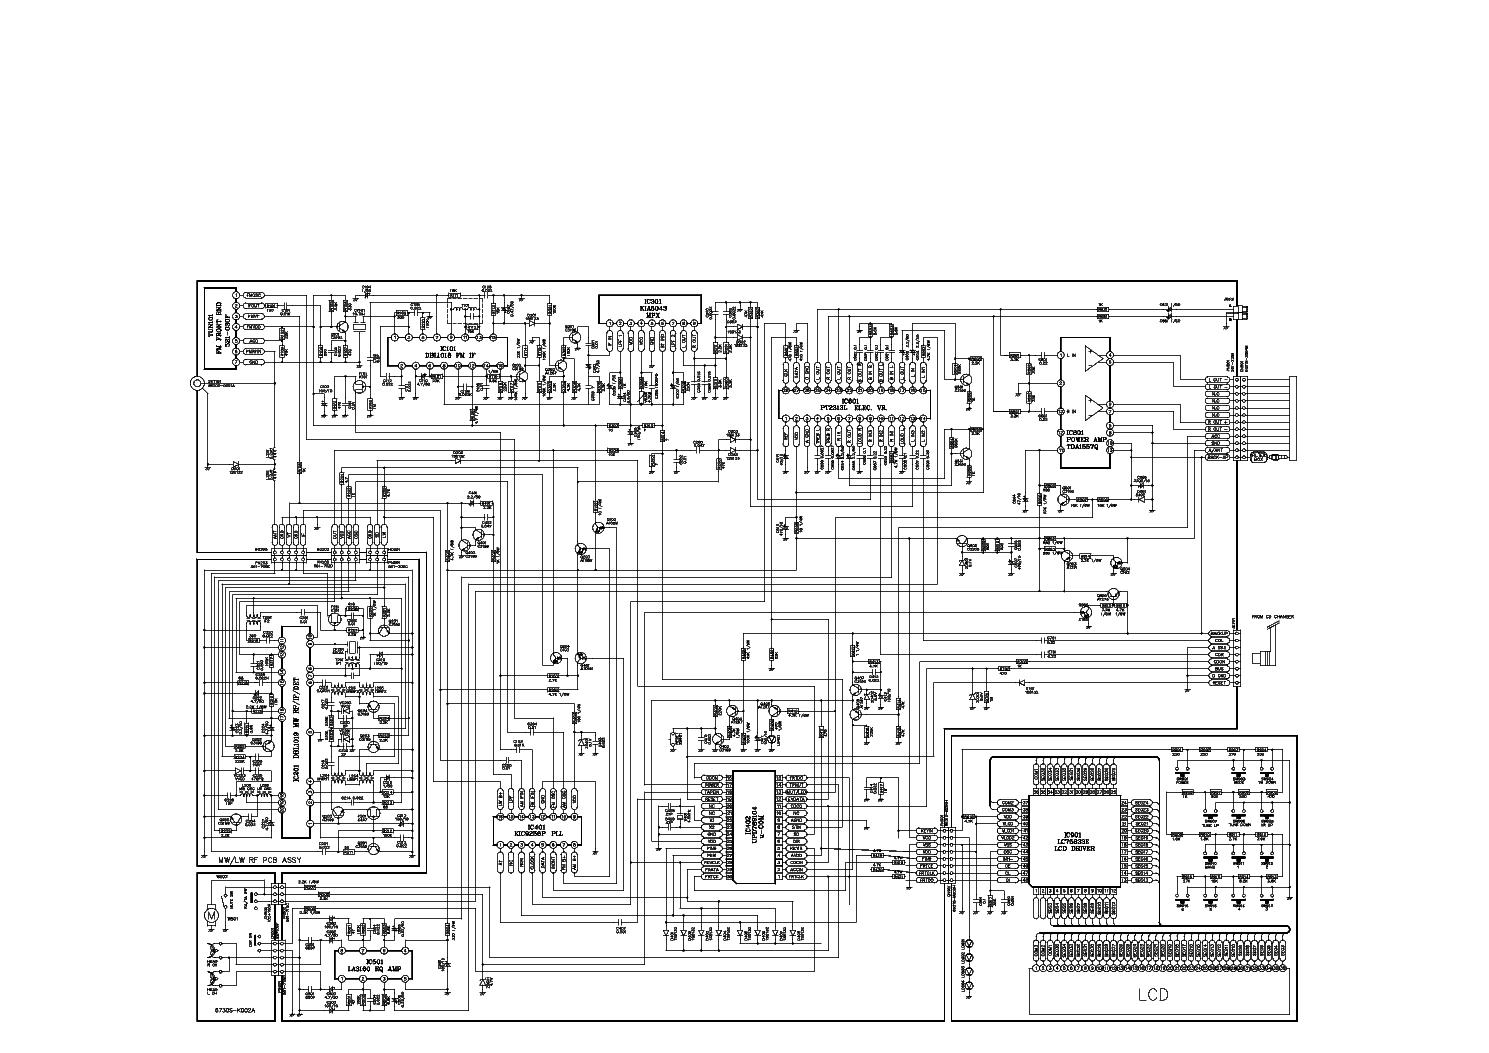 Принципиальная схема автомагнитолы LG TCC2010.